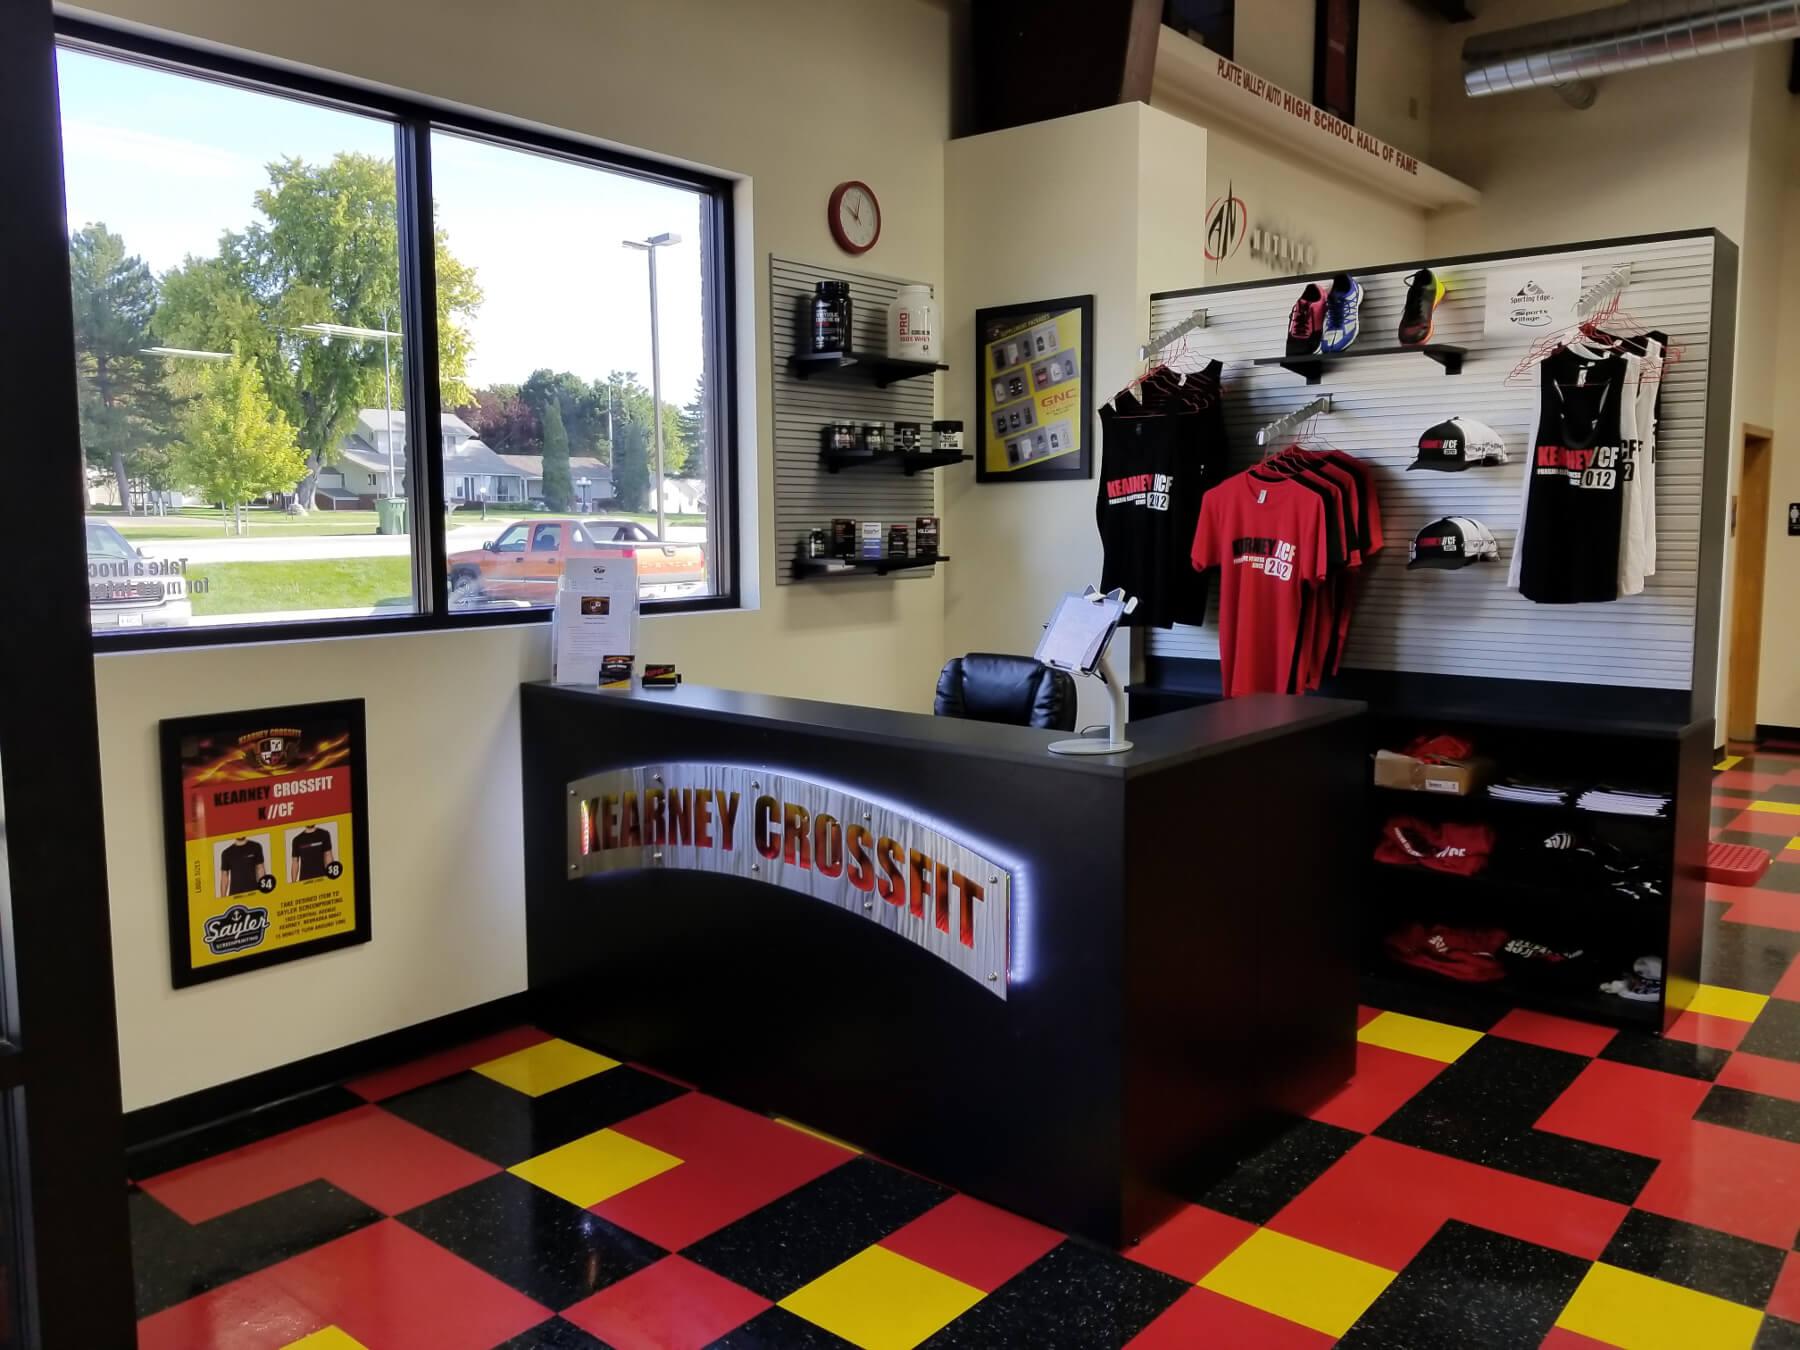 Kearney CrossFit Lobby